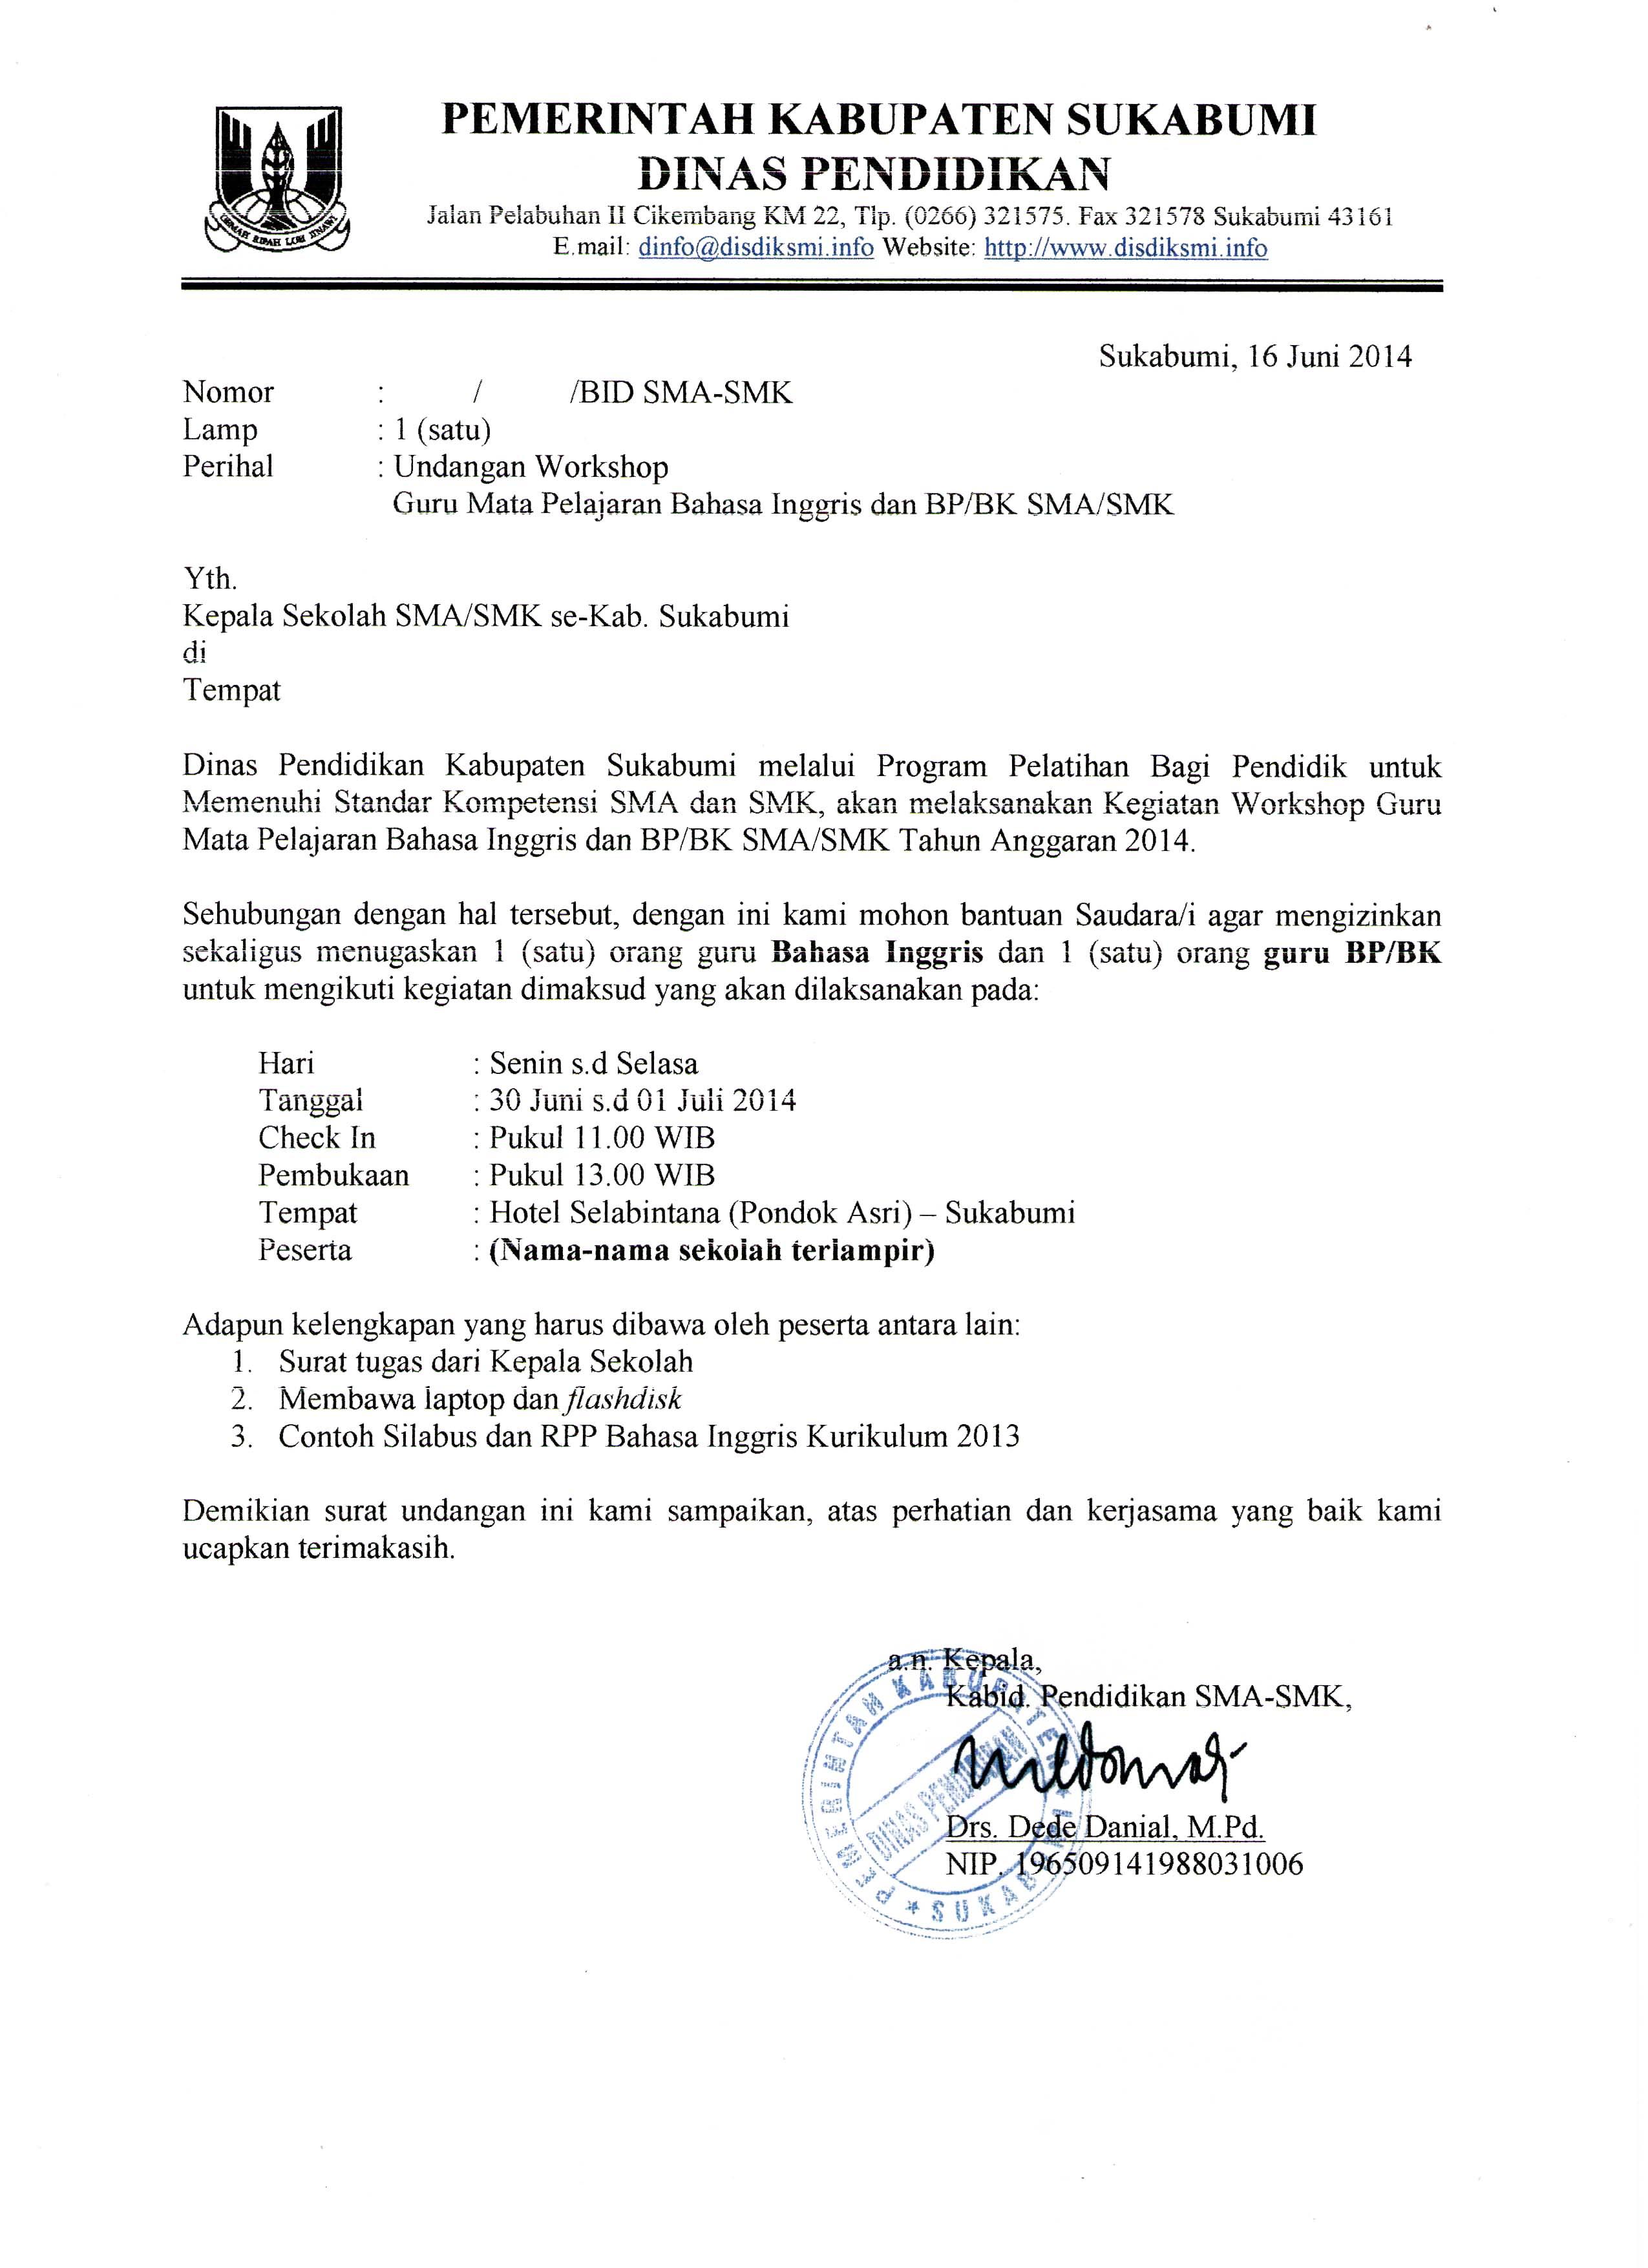 Mgmp Bhs Inggris Sma Kab Sukabumi Media Komunikasi Dan Informasi